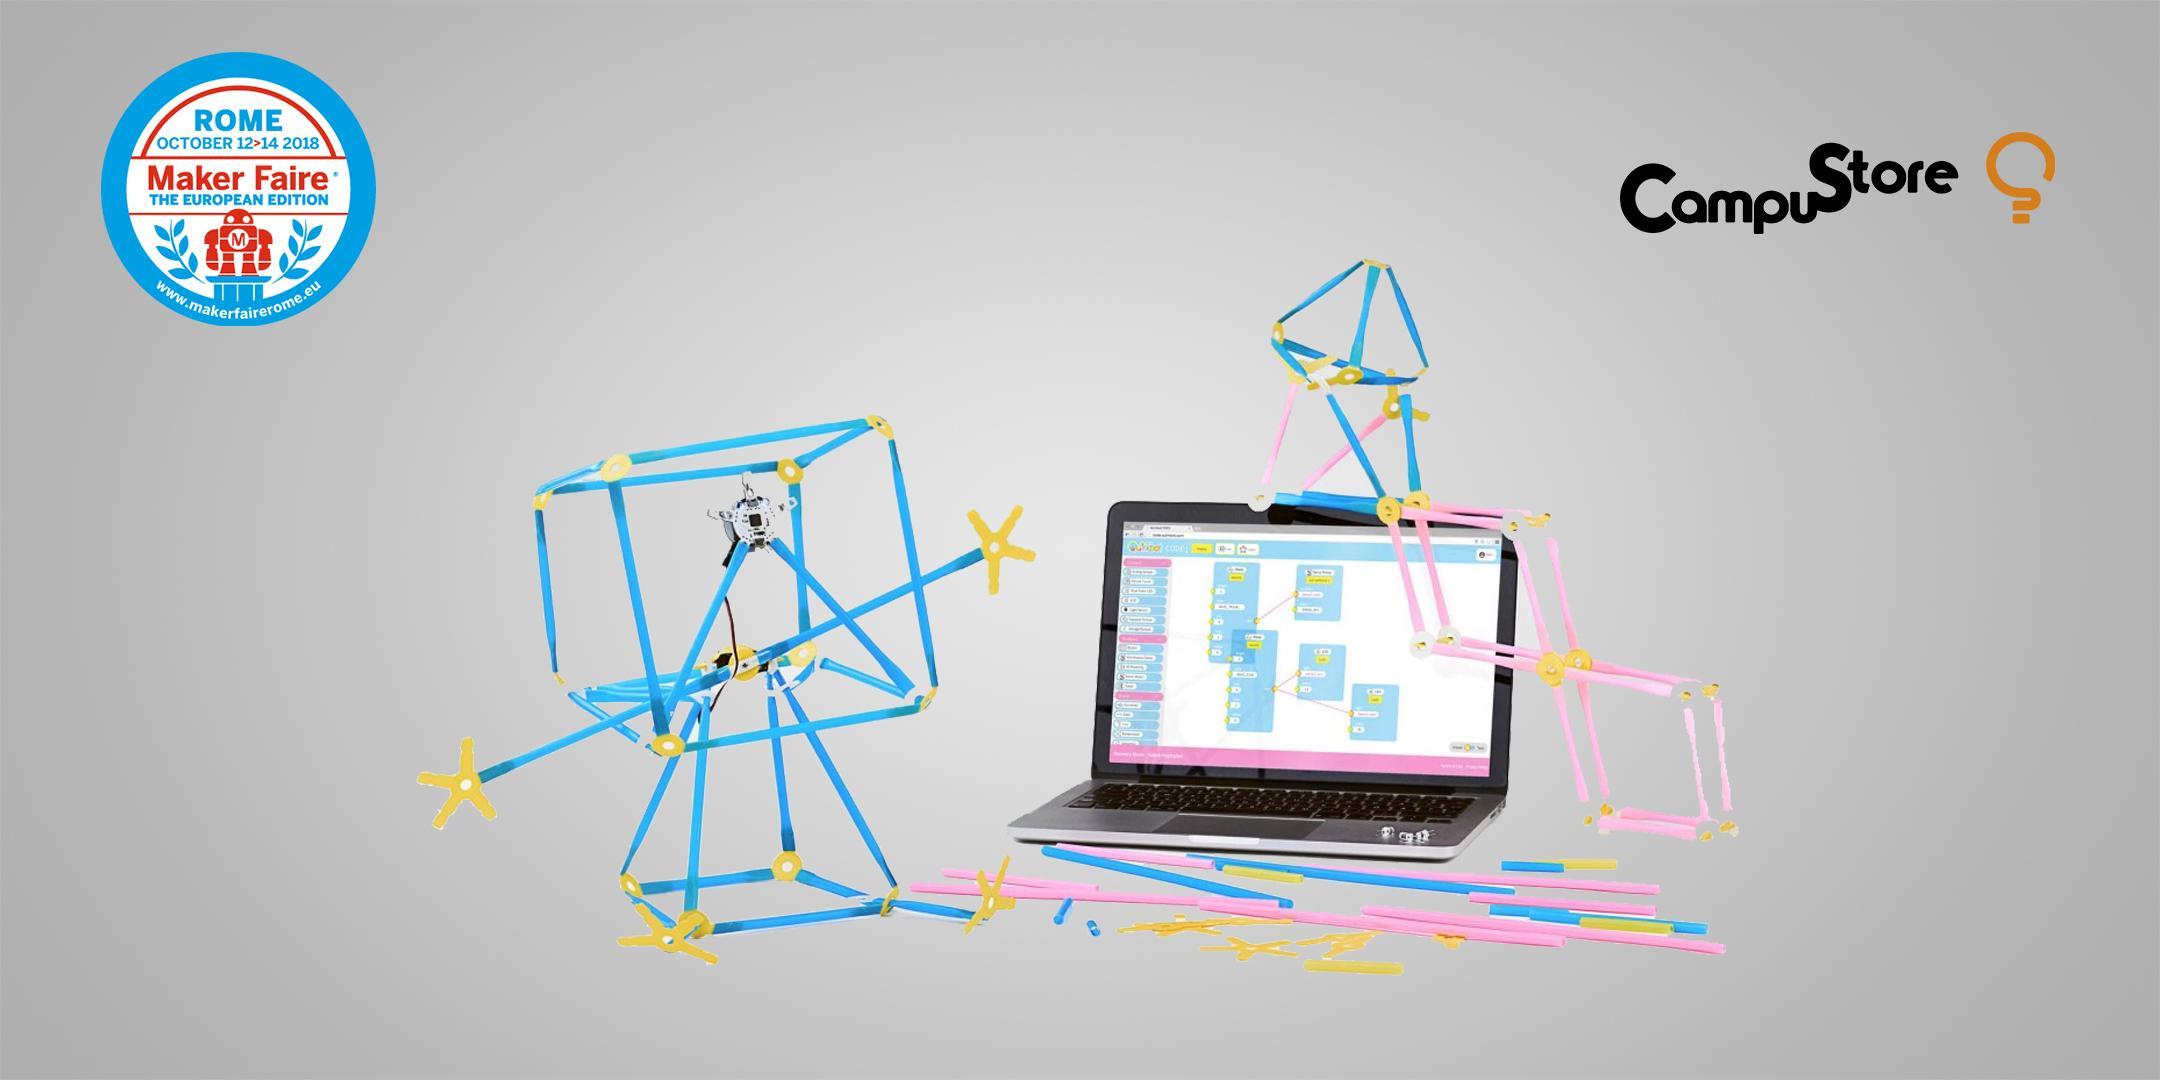 Strawbees e Quirkbot: attività STEAM per studiare il mondo con le cannucce robotiche